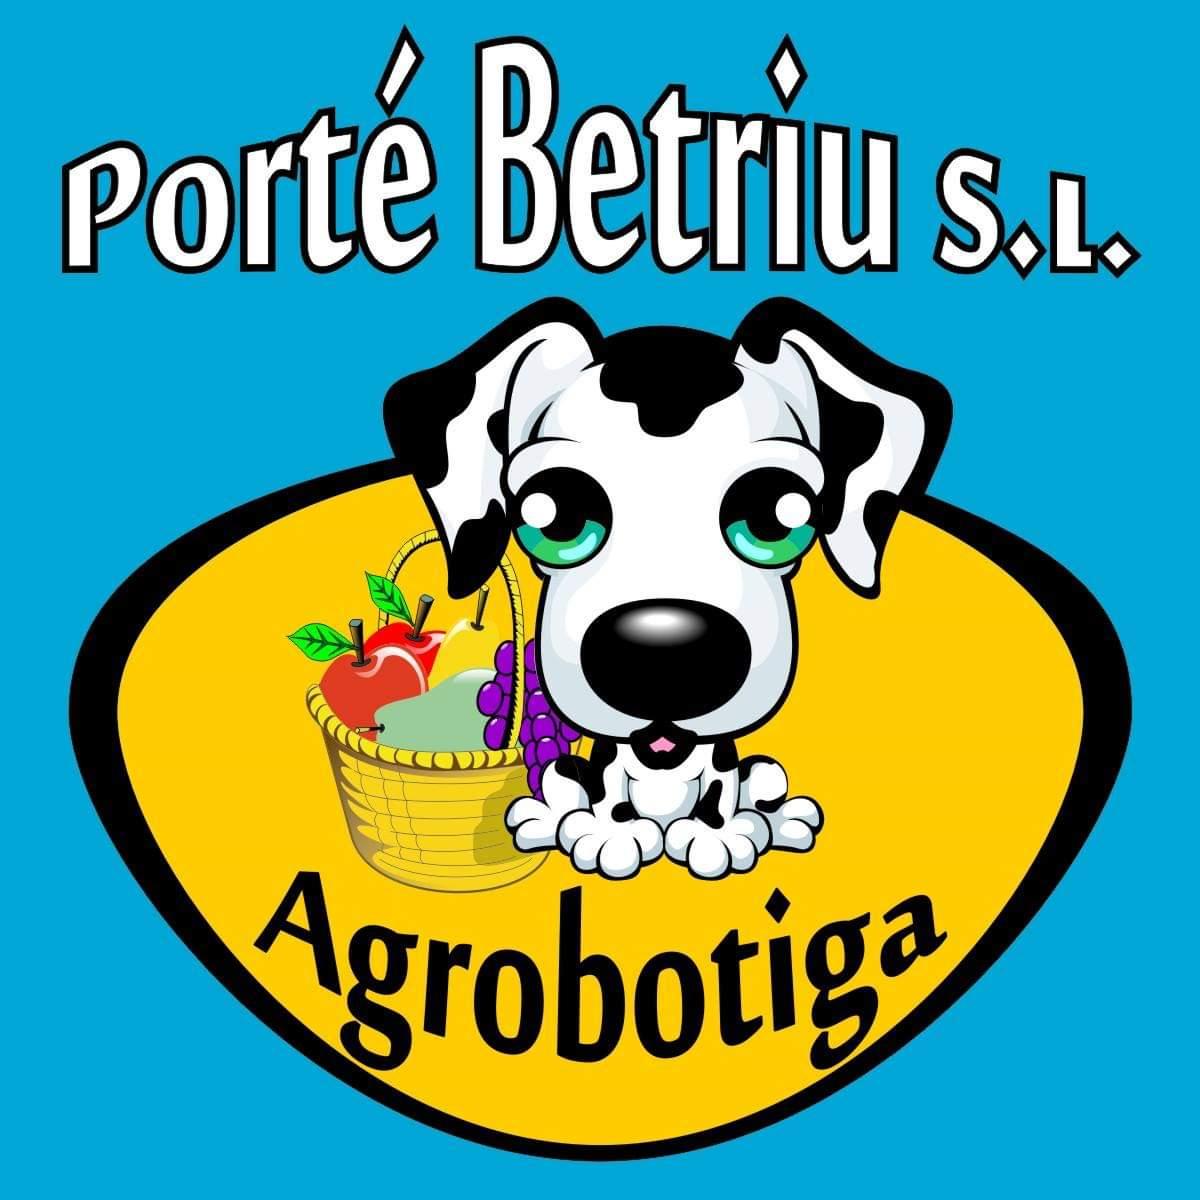 Logo comerç Agrobotiga Porté Betriu